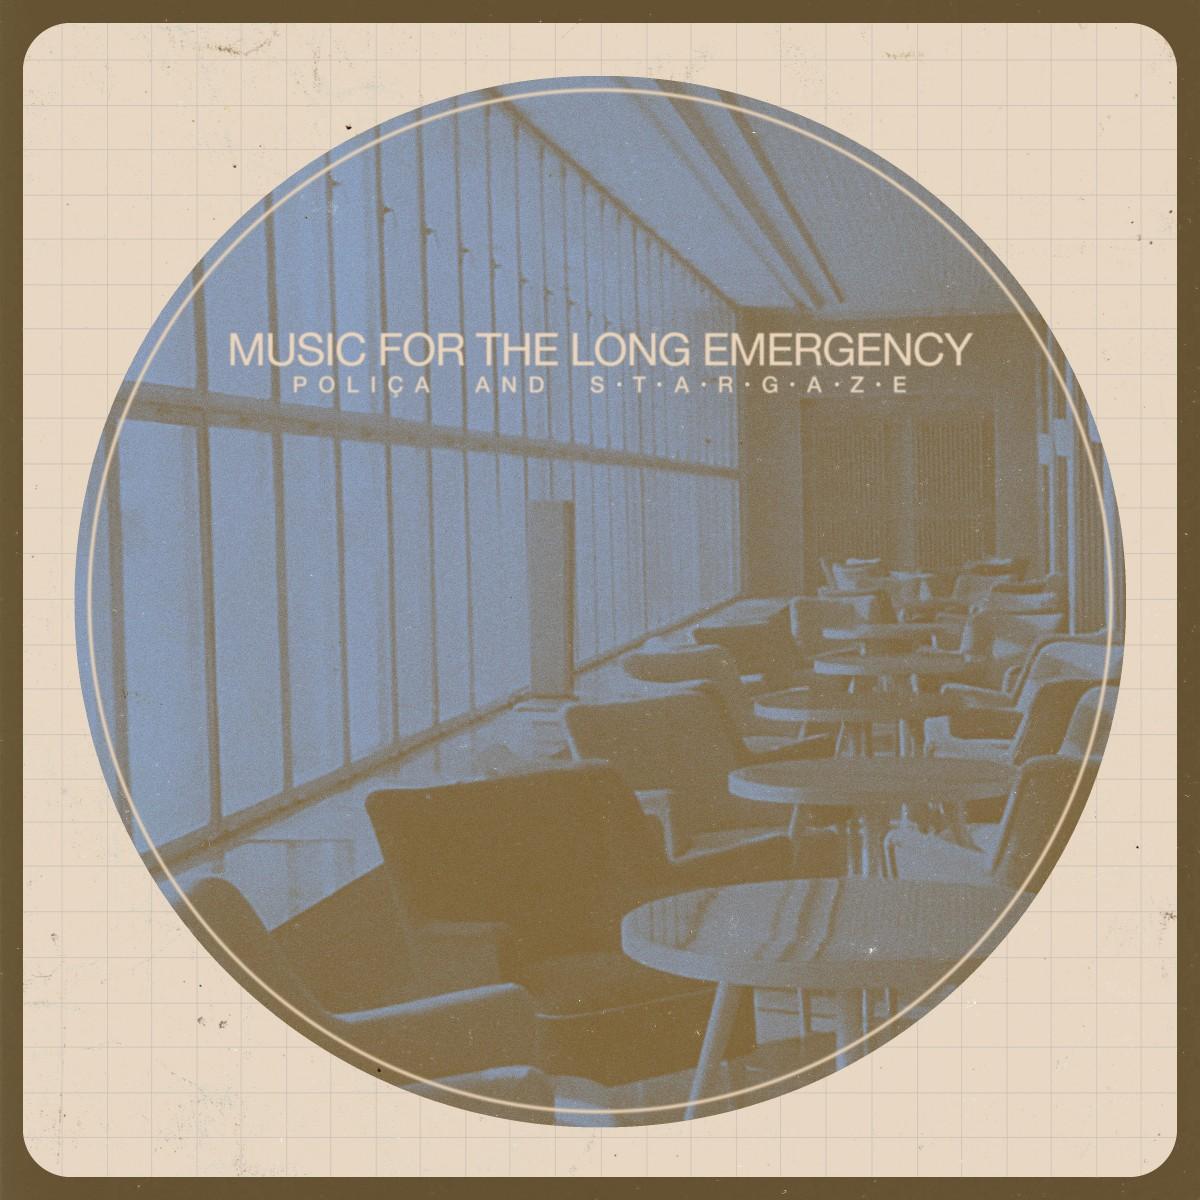 Polica and Stargaze album cover